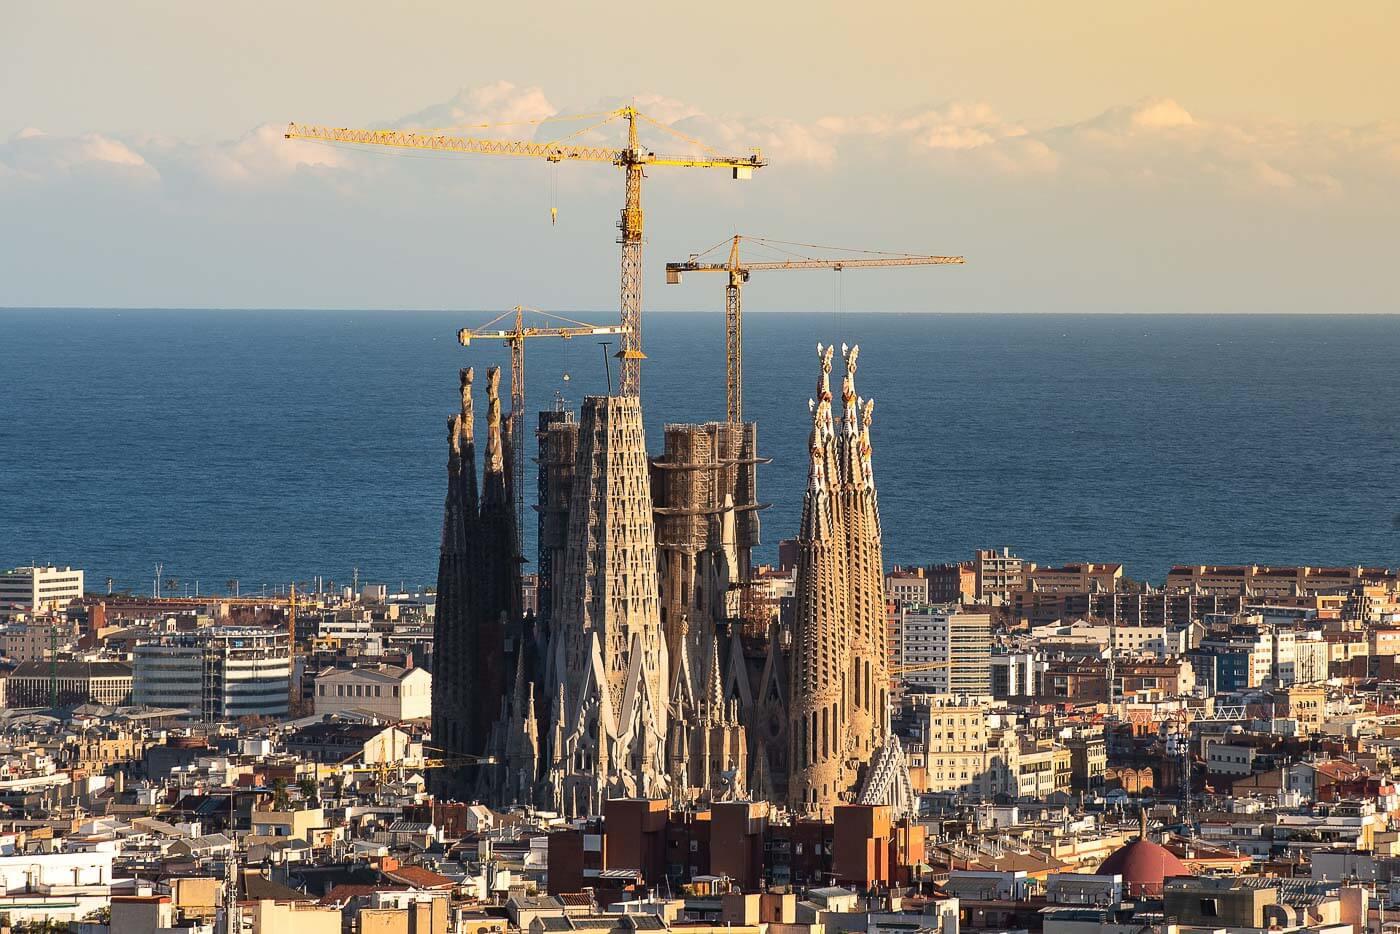 Viagem para Espanha - Sagrada Família